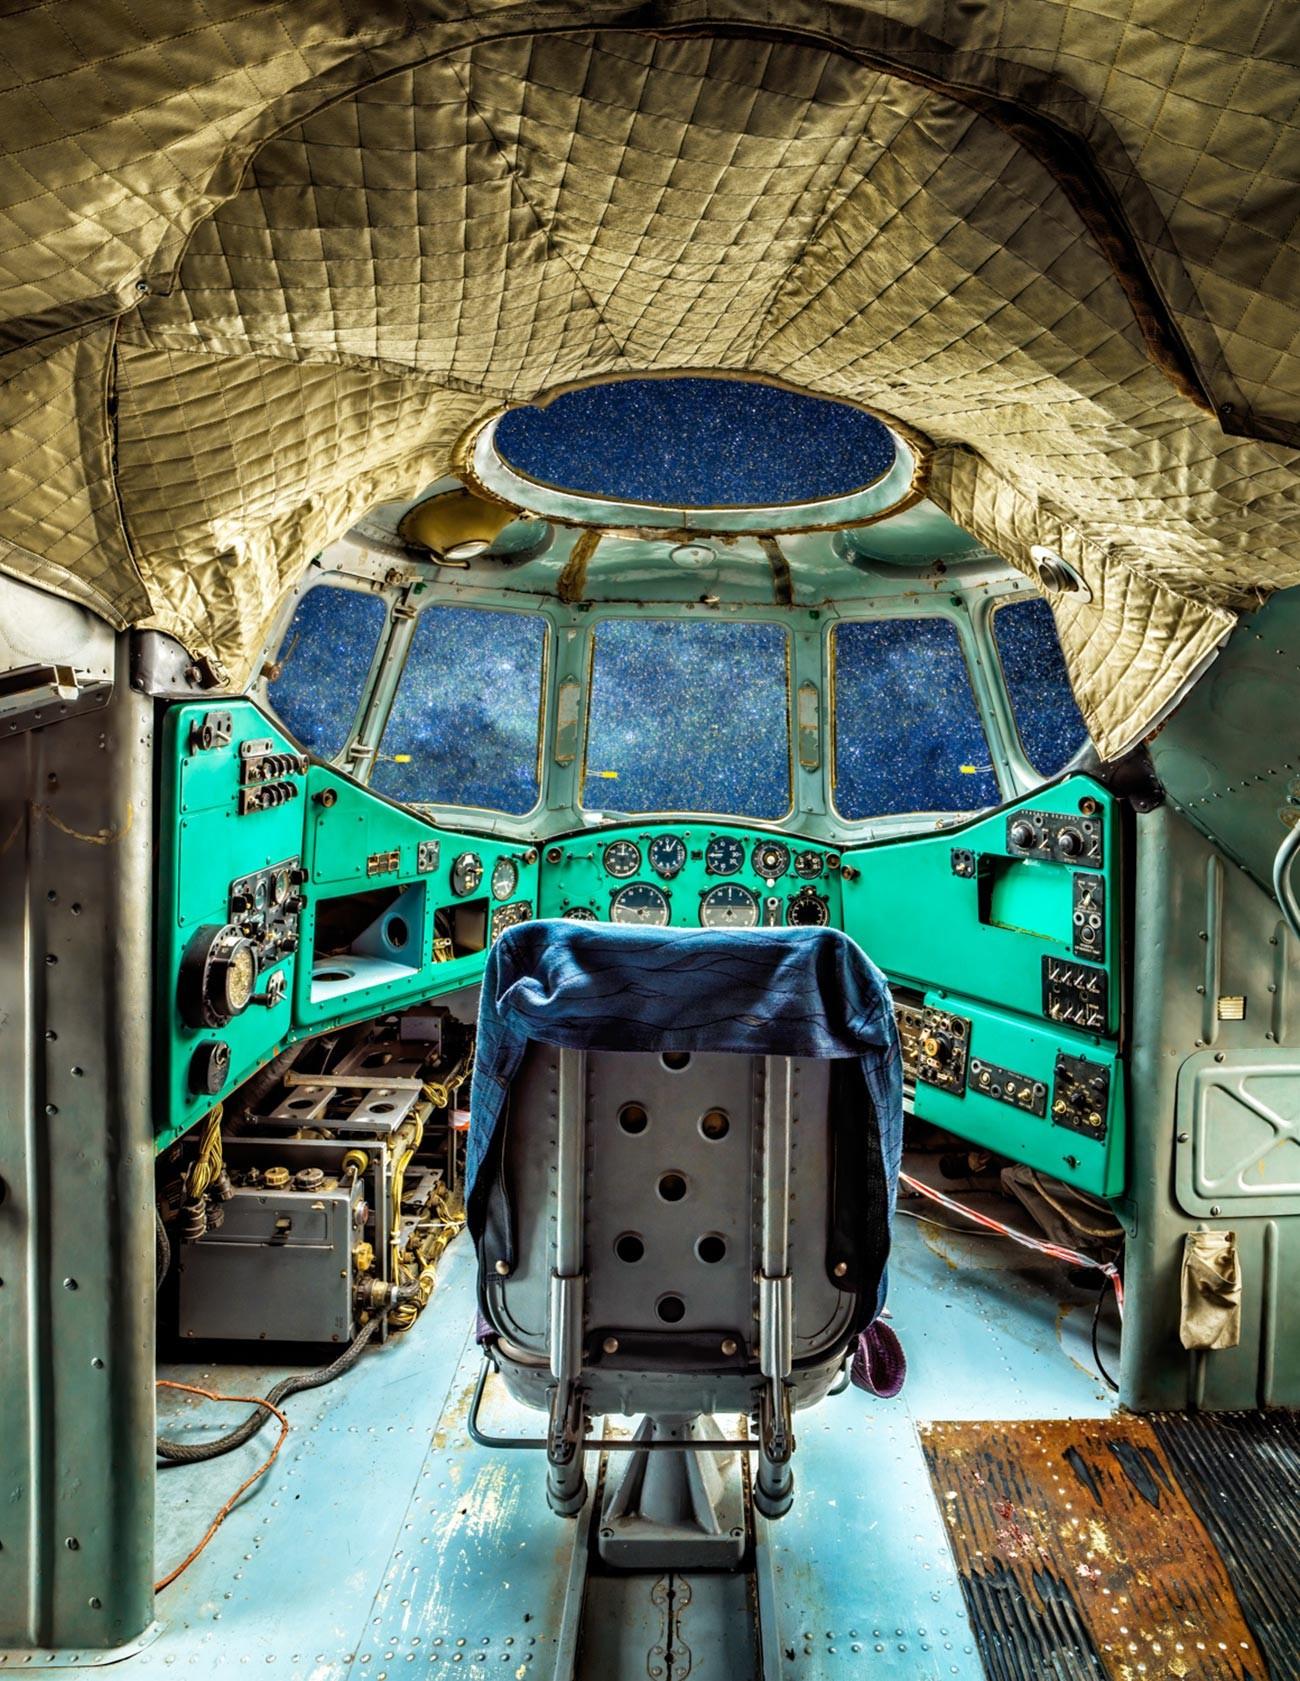 Sowjetischer Hubschrauber Mil V-12, der größte jemals gebaute